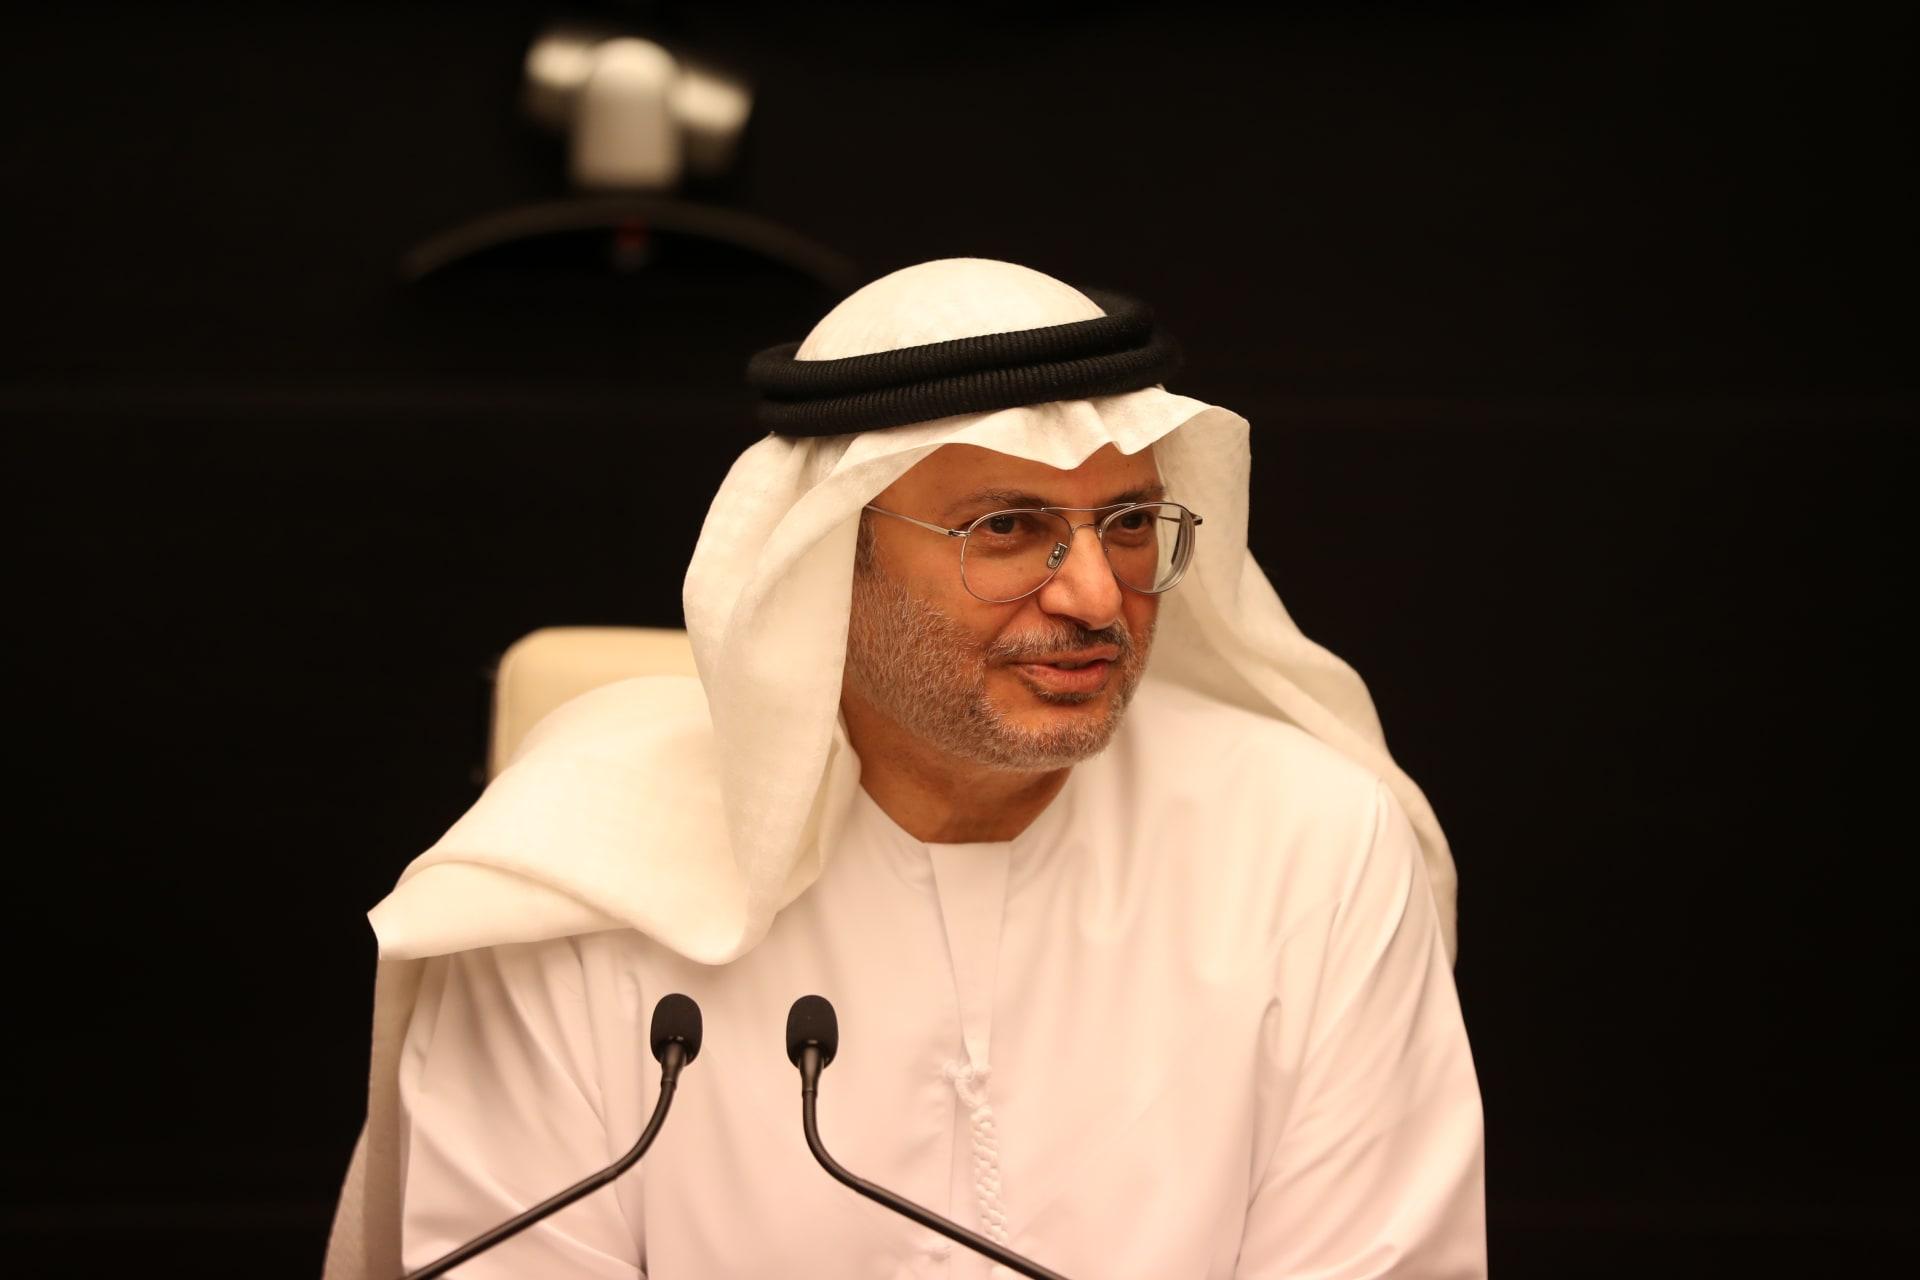 """قرقاش حول تدخل الإمارات في الانتخابات الإسرائيلية: الهدف من """"الاتفاقيات الإبراهيمية"""" تعزيز السلام"""